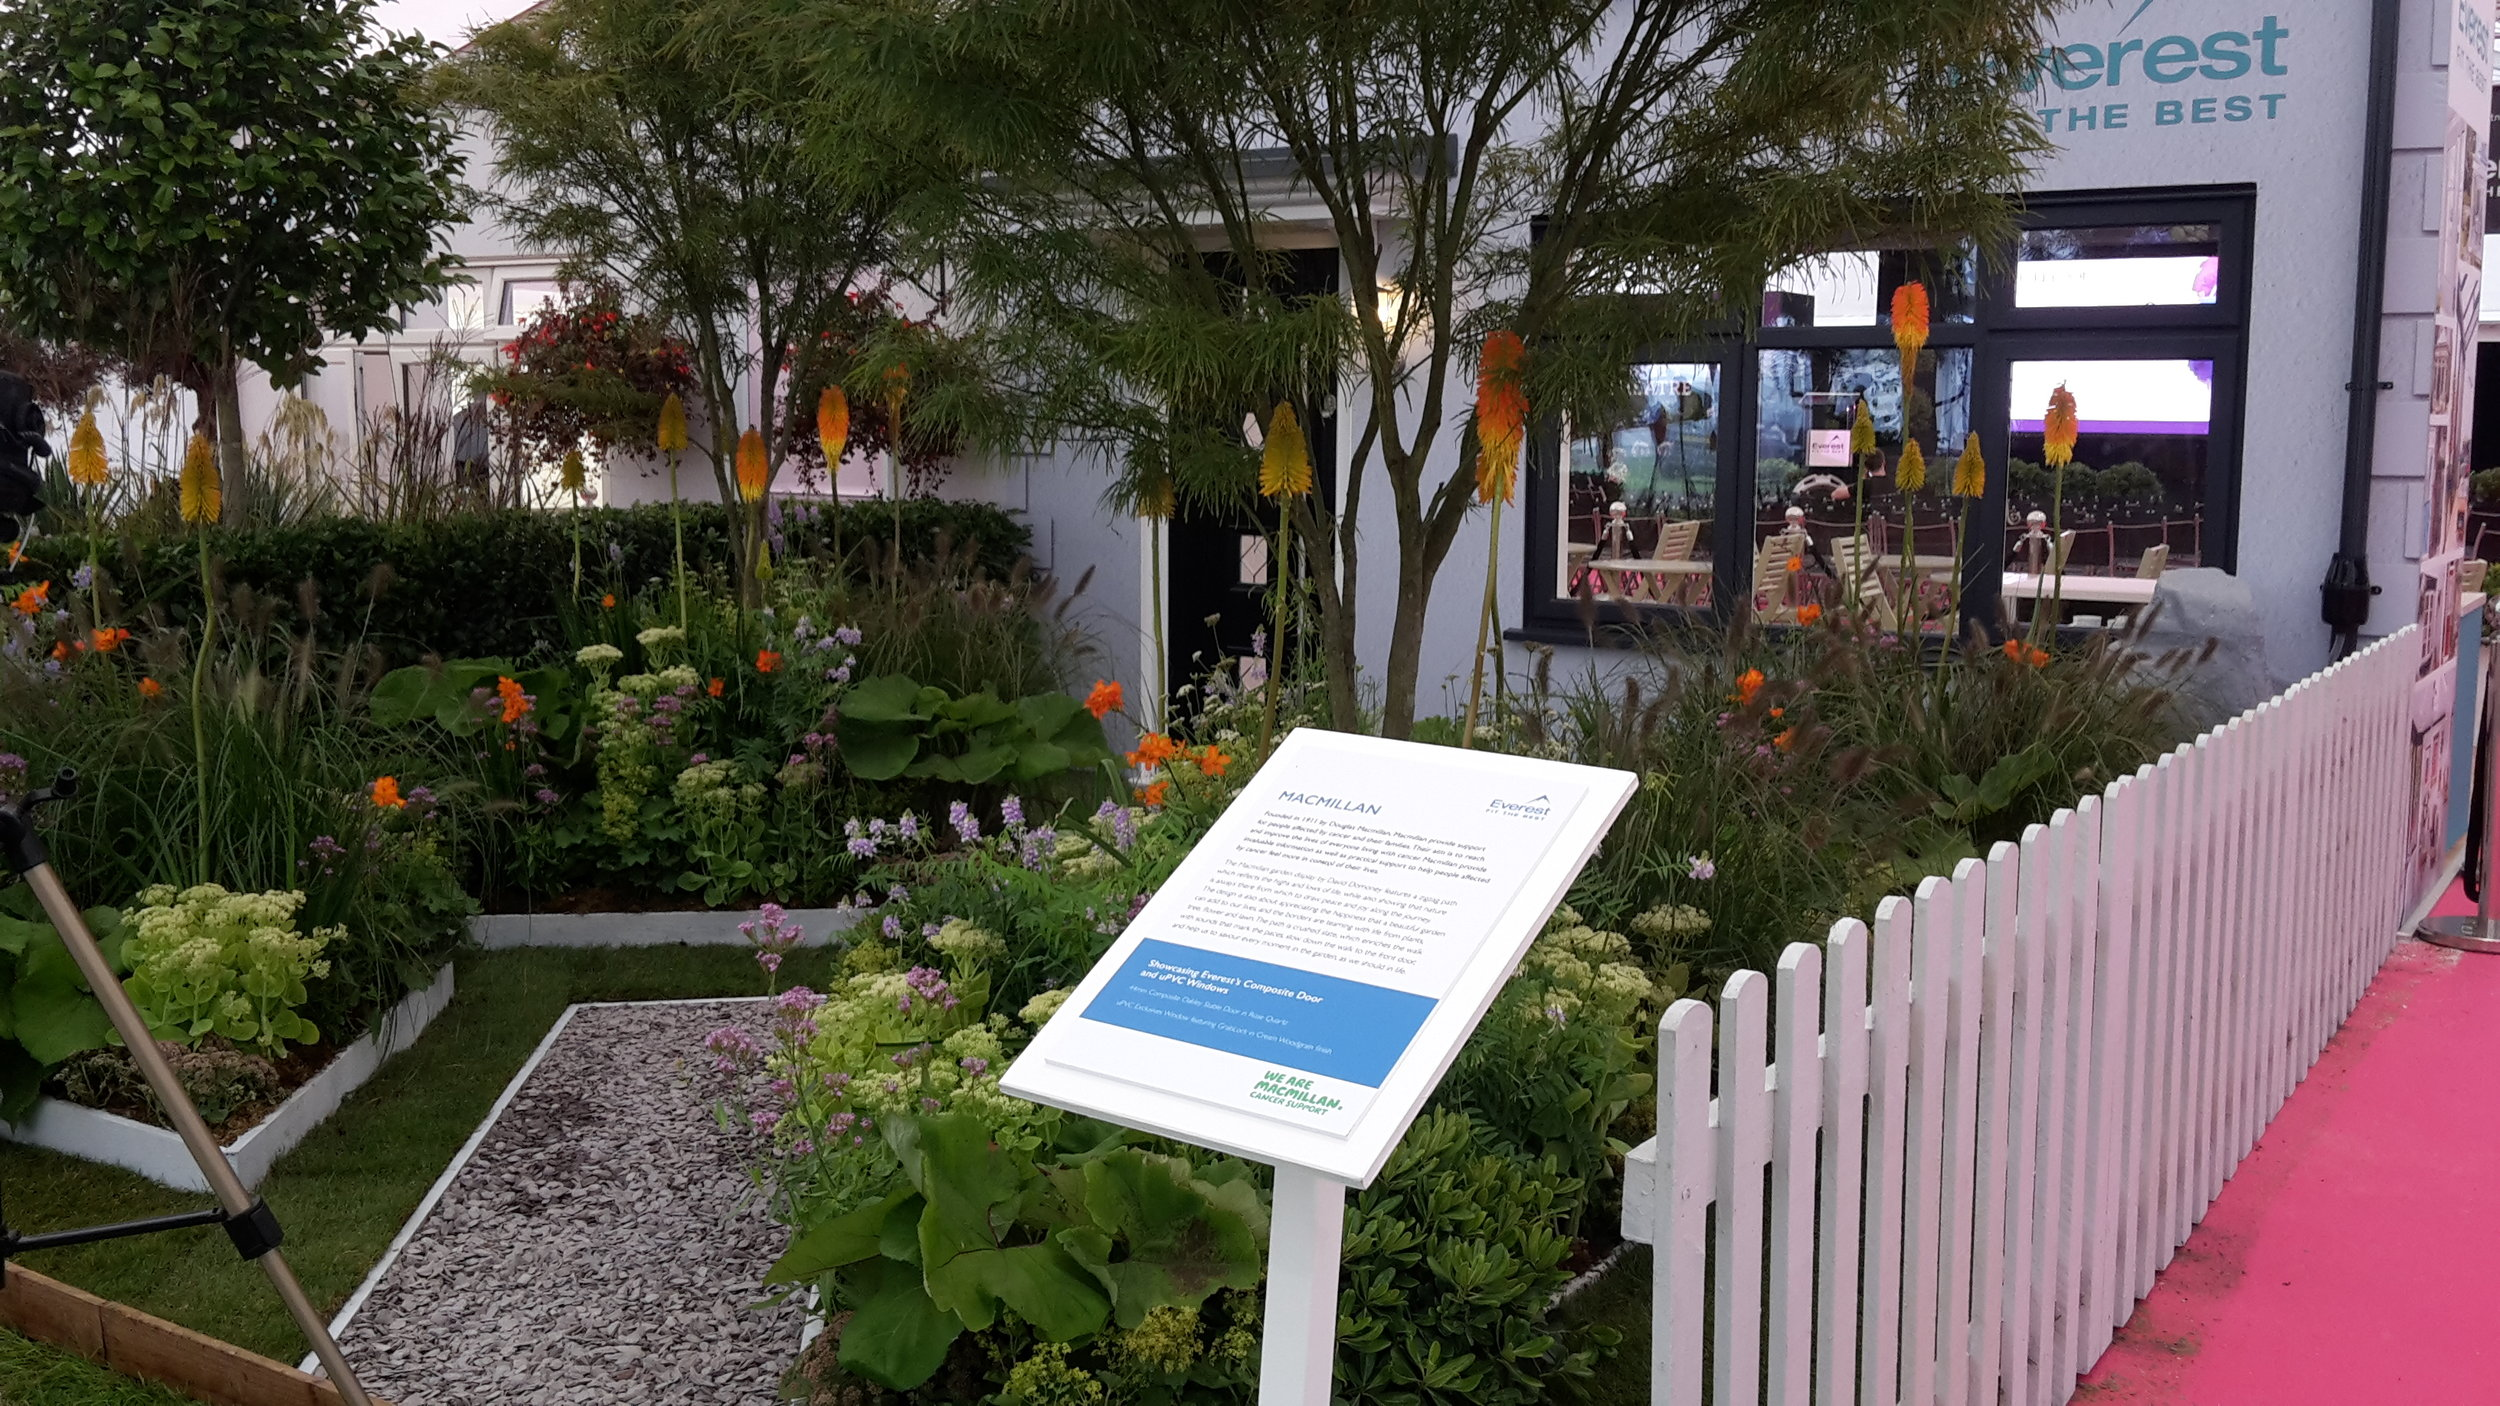 Macmillan Garden